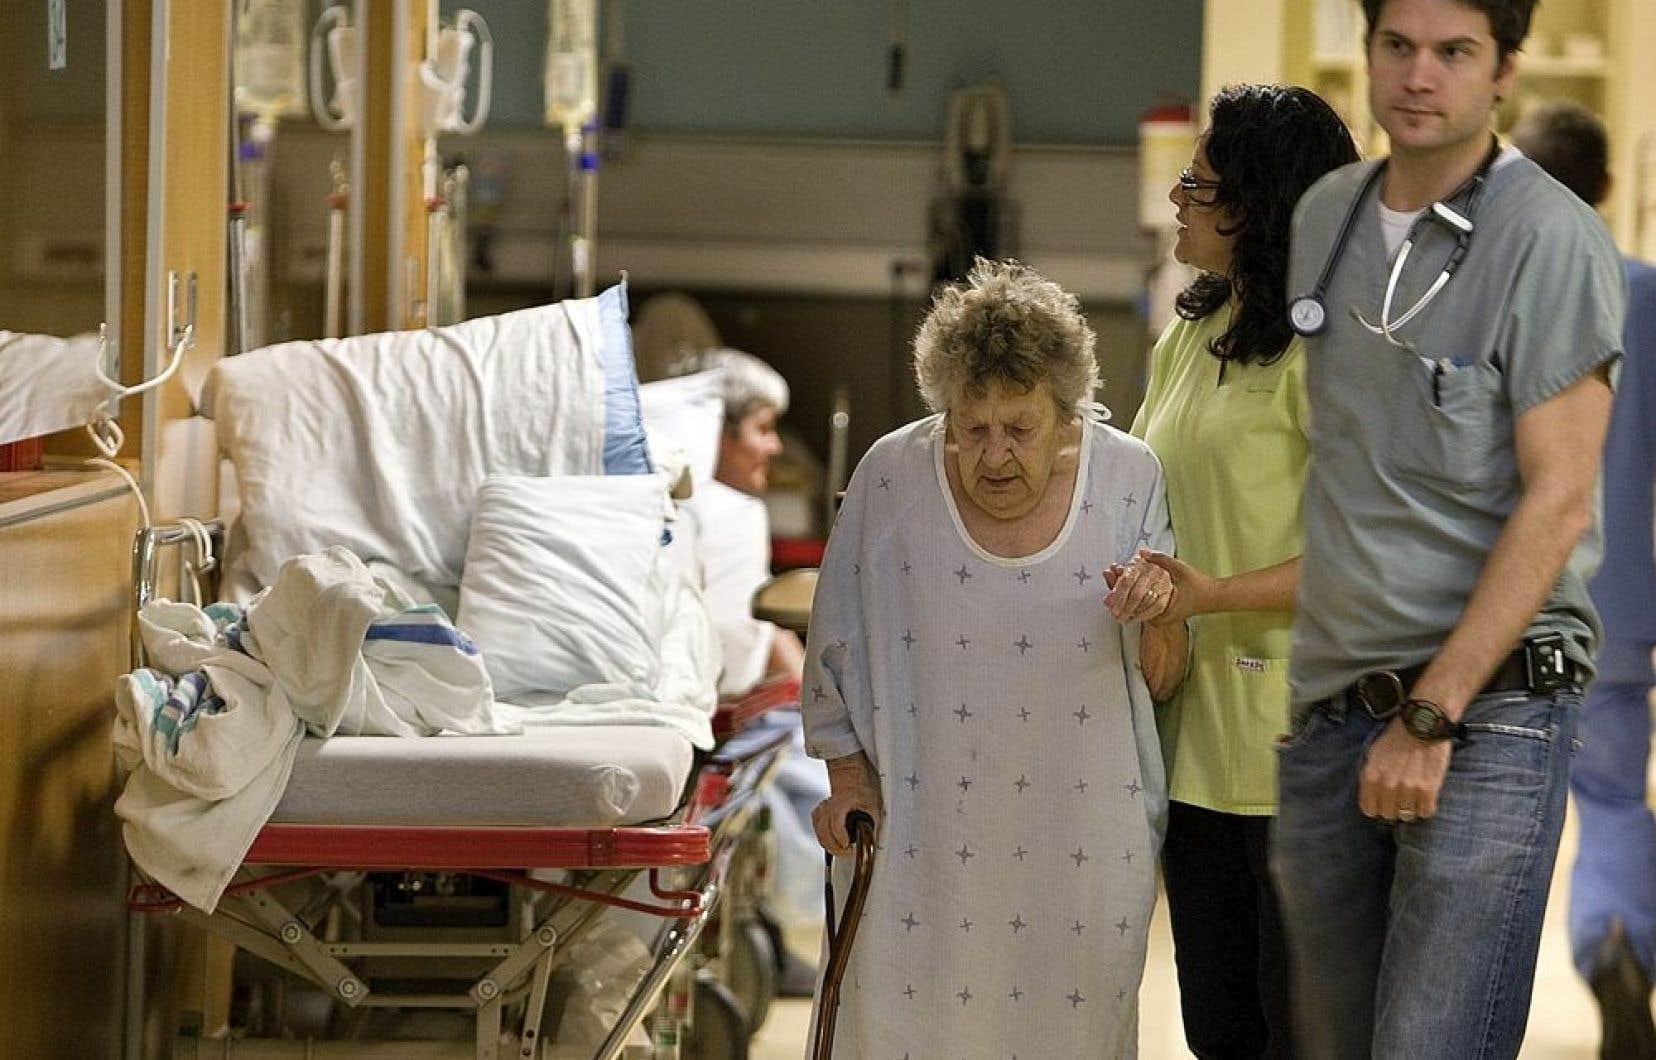 Selon l'Association québécoise d'établissements de santé et de services sociaux, les supercliniques proposées par le gouvernement libéral ne sont peut-être pas la bonne réponse pour répondre aux malades chroniques.